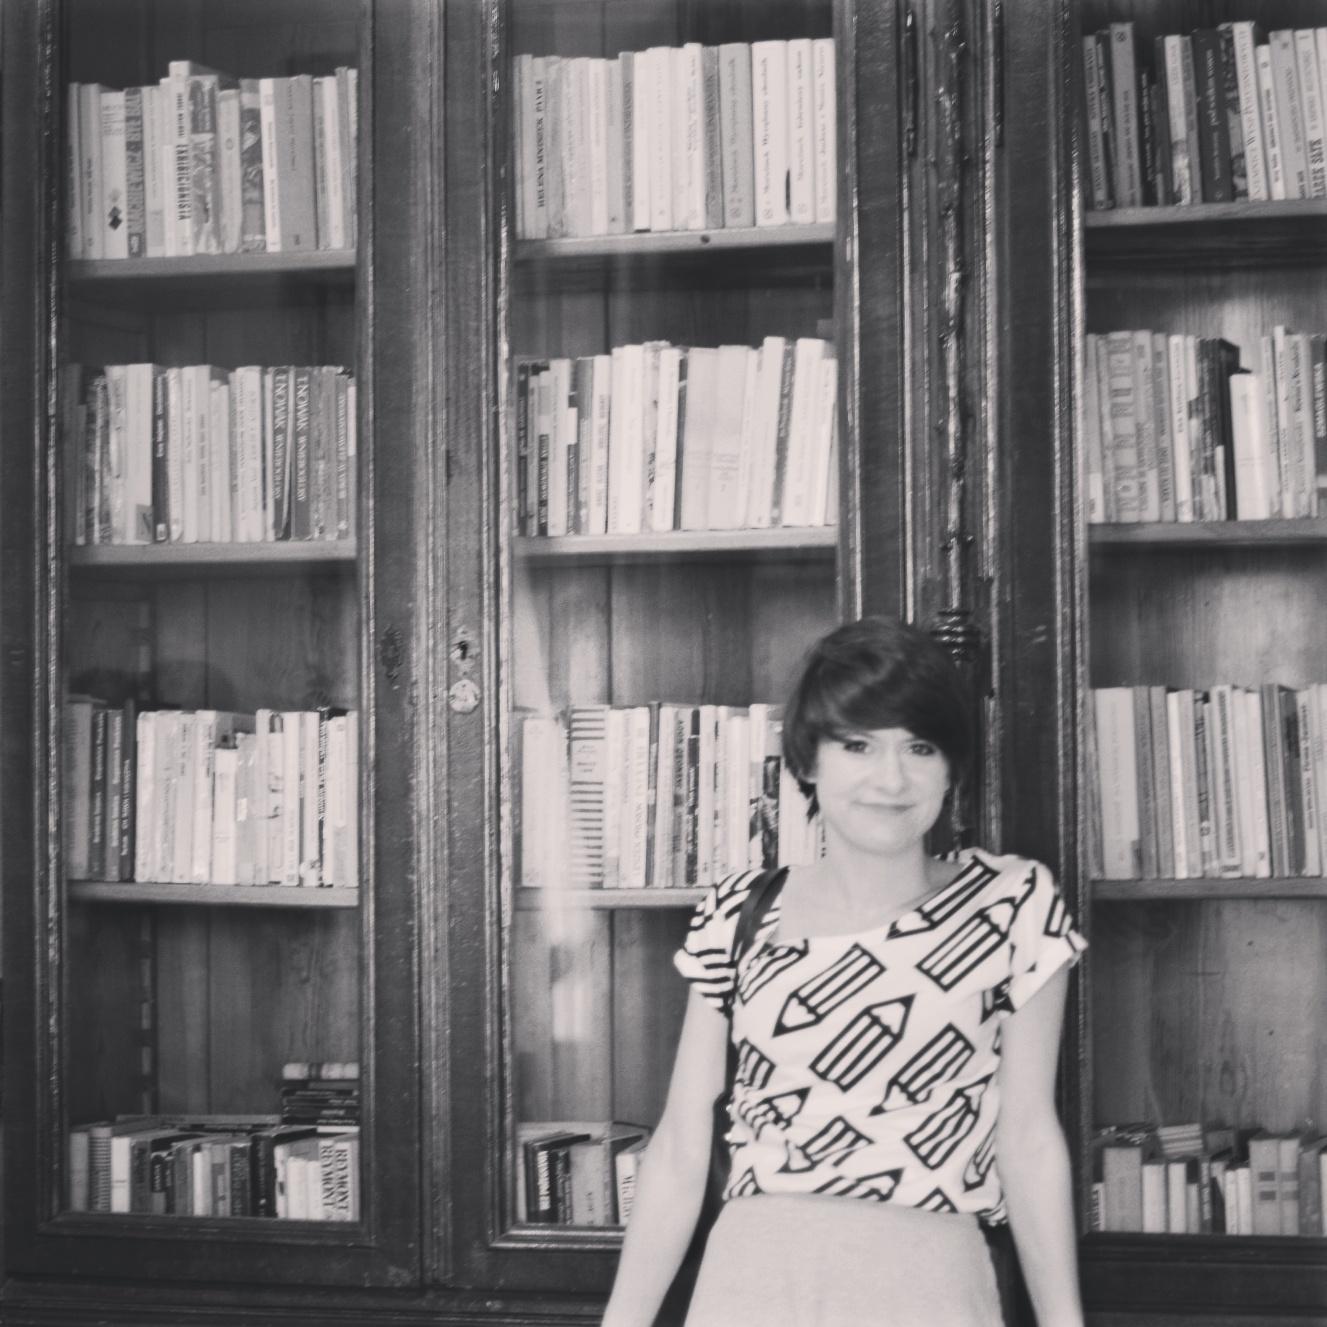 Biblioteczka Pani Sowy (cz. 5)